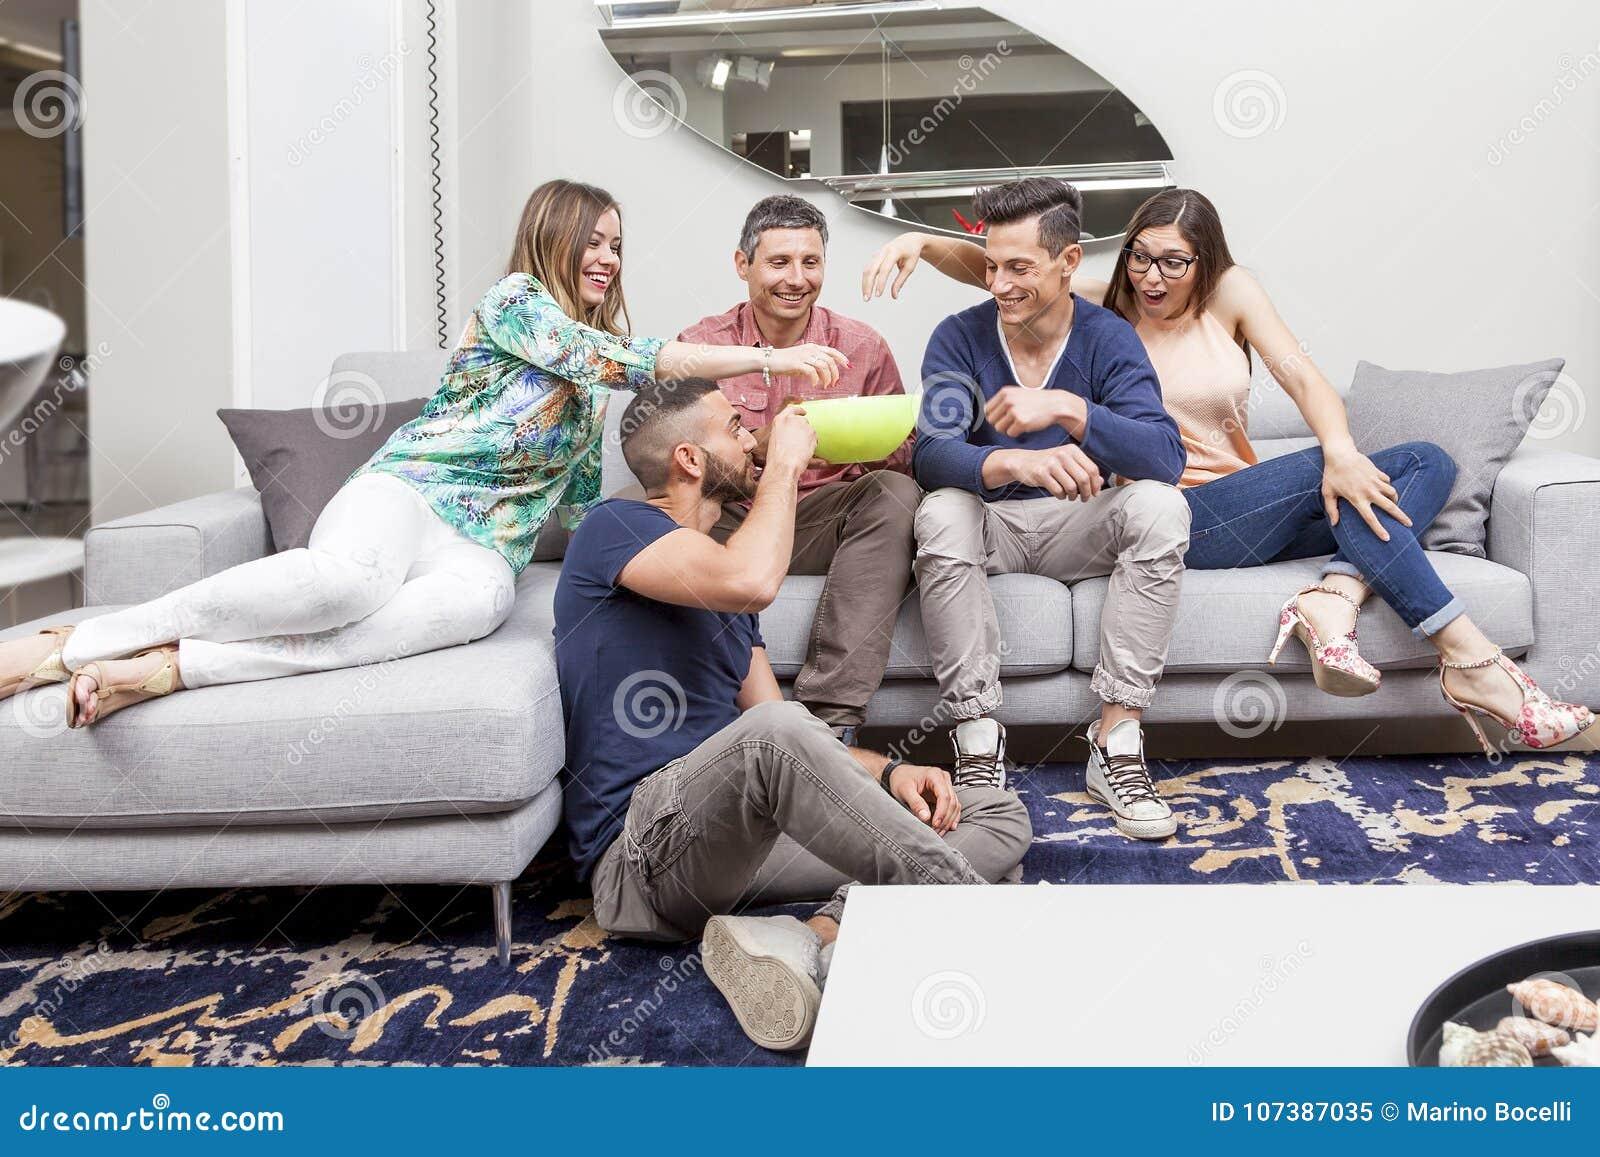 Ομάδα φίλων που προσέχουν τη TV και που τρώνε popcorn στον καναπέ